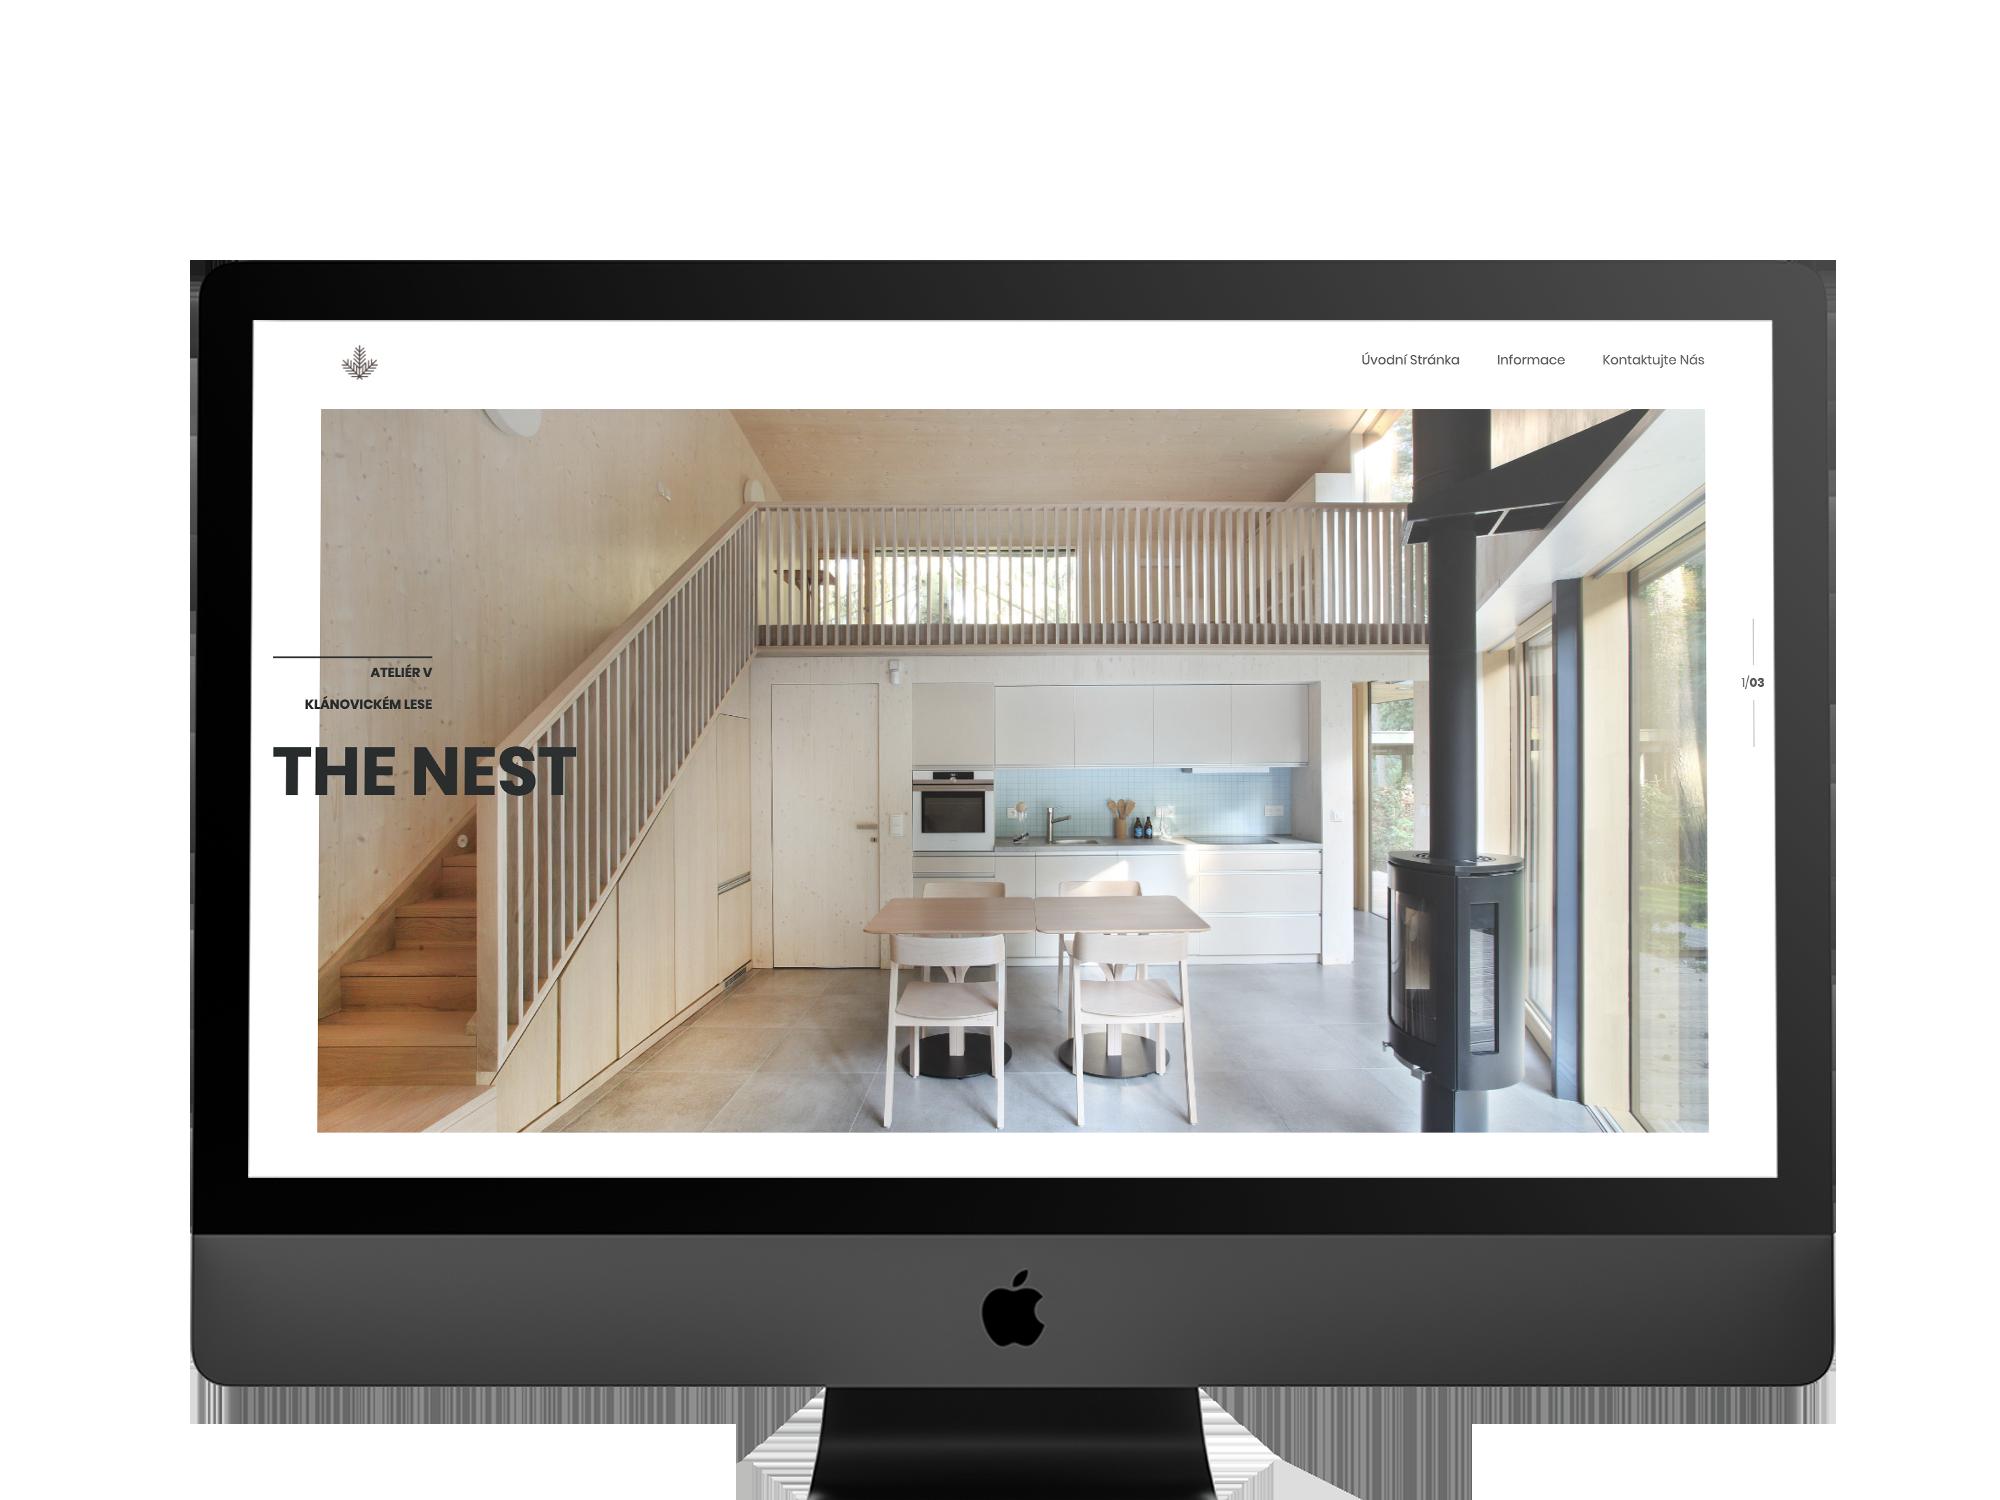 The Nest – webpage on iMac